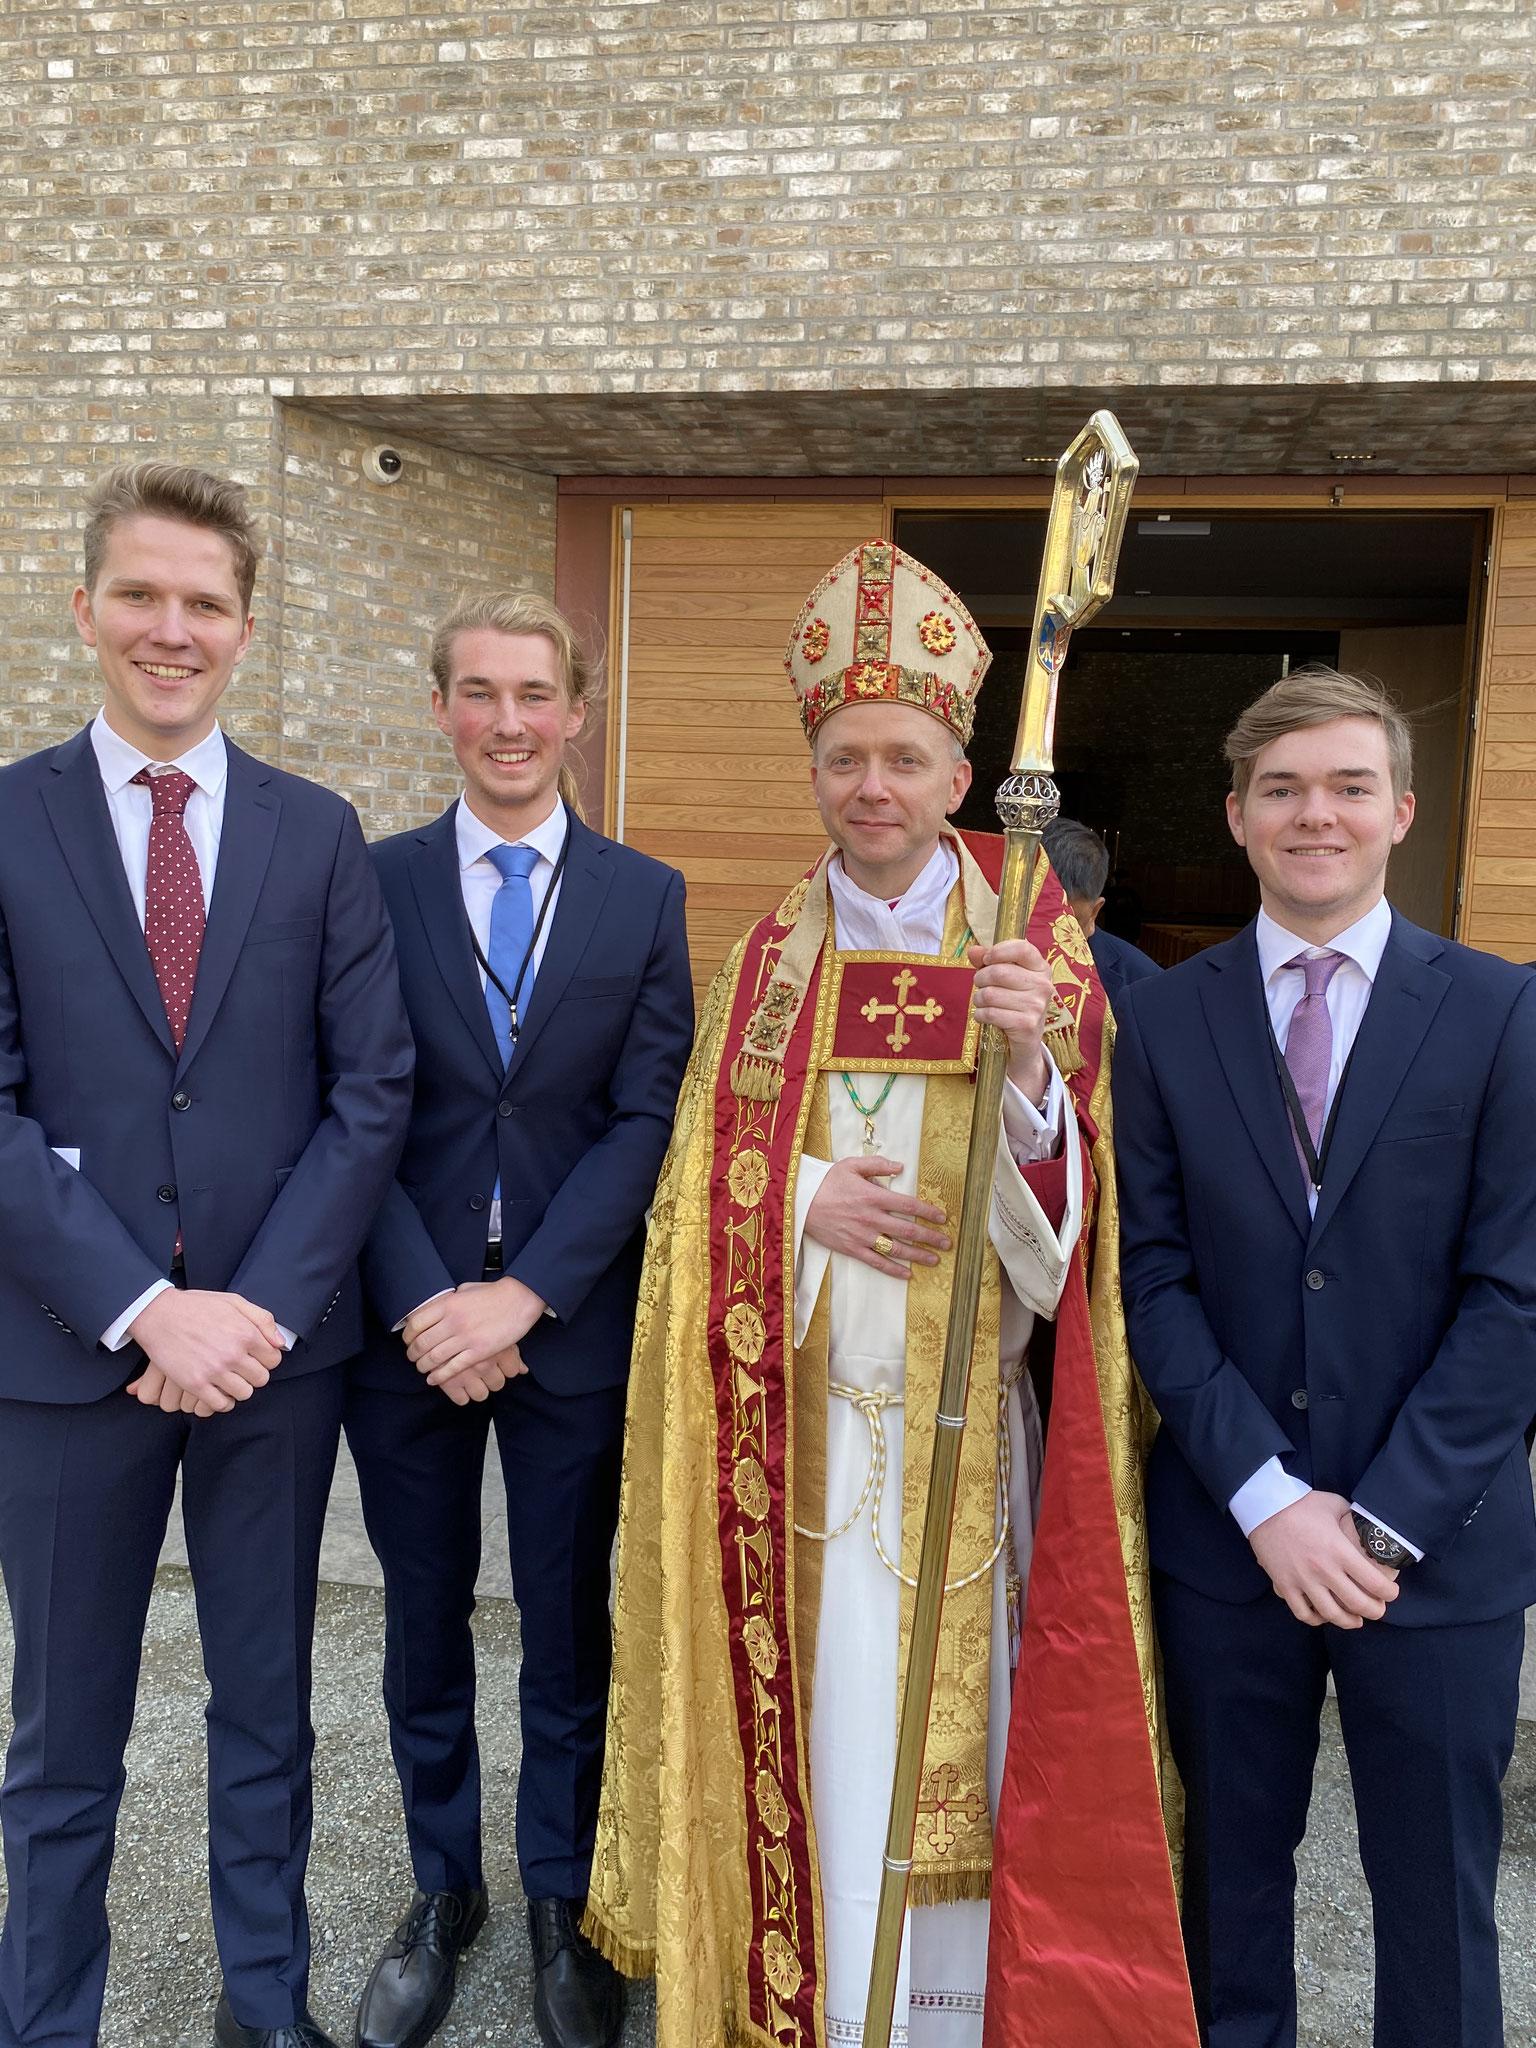 Endlich hat Trondheim wieder einen Bischof! Hier lassen wir drei uns nach der feierlichen Weihe mit Bischof Erik ablichten.